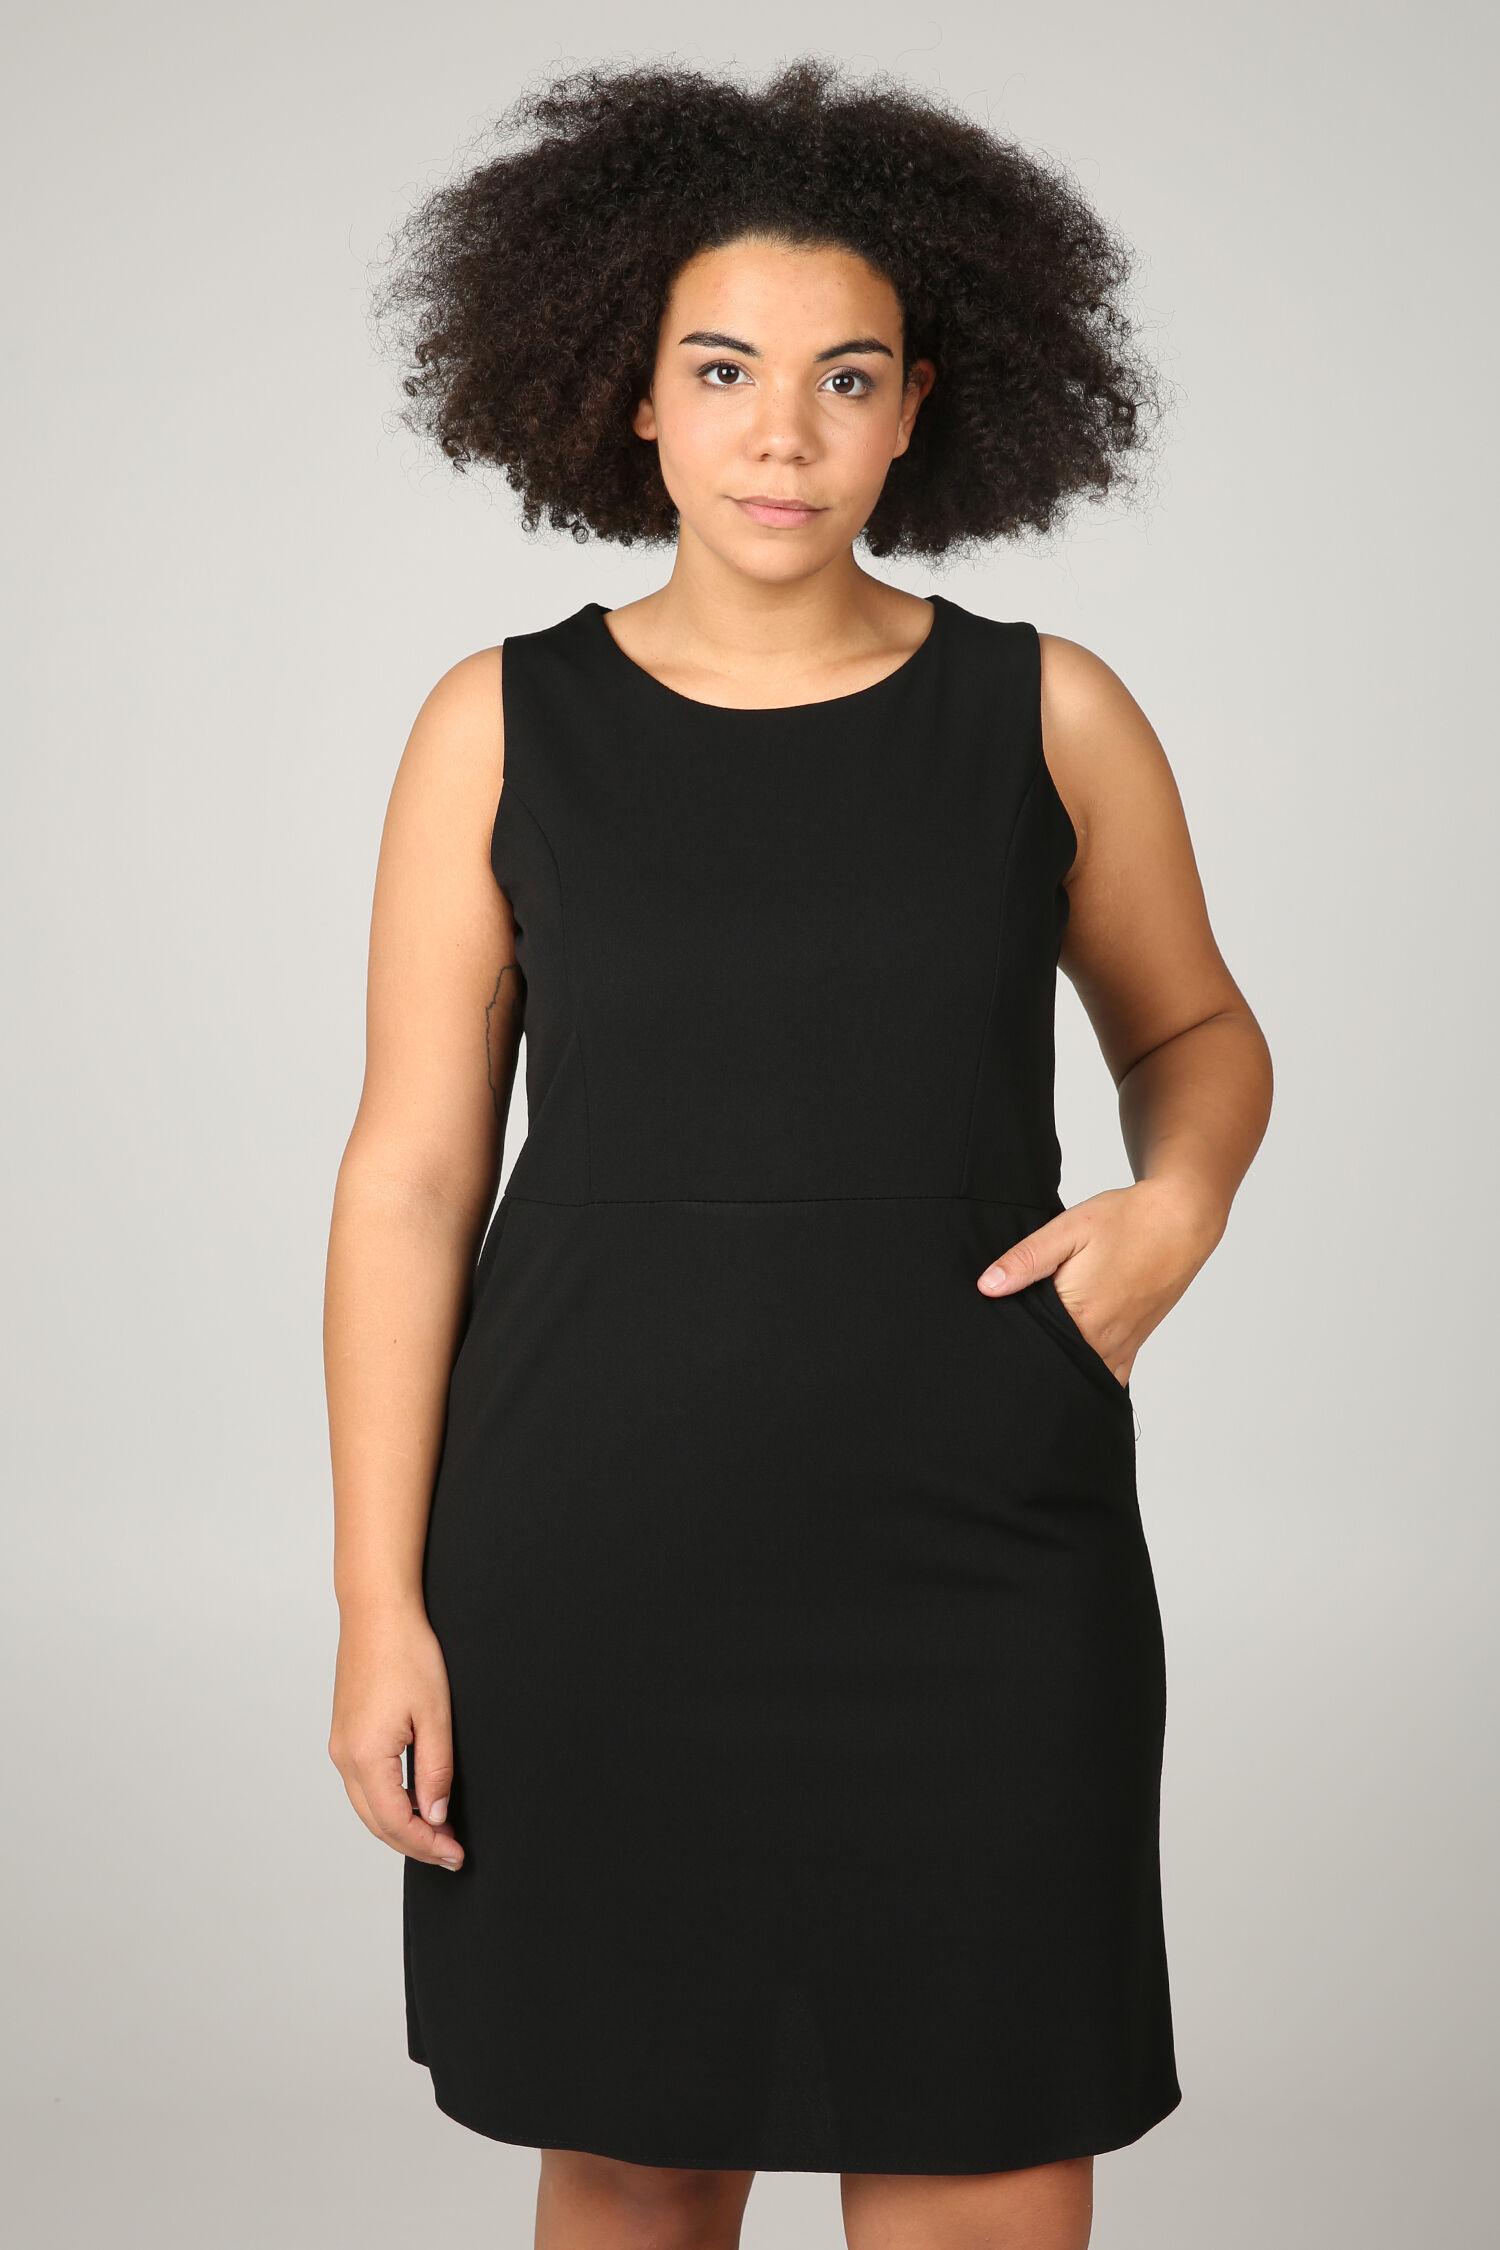 Ausgefallene kleider schwarz